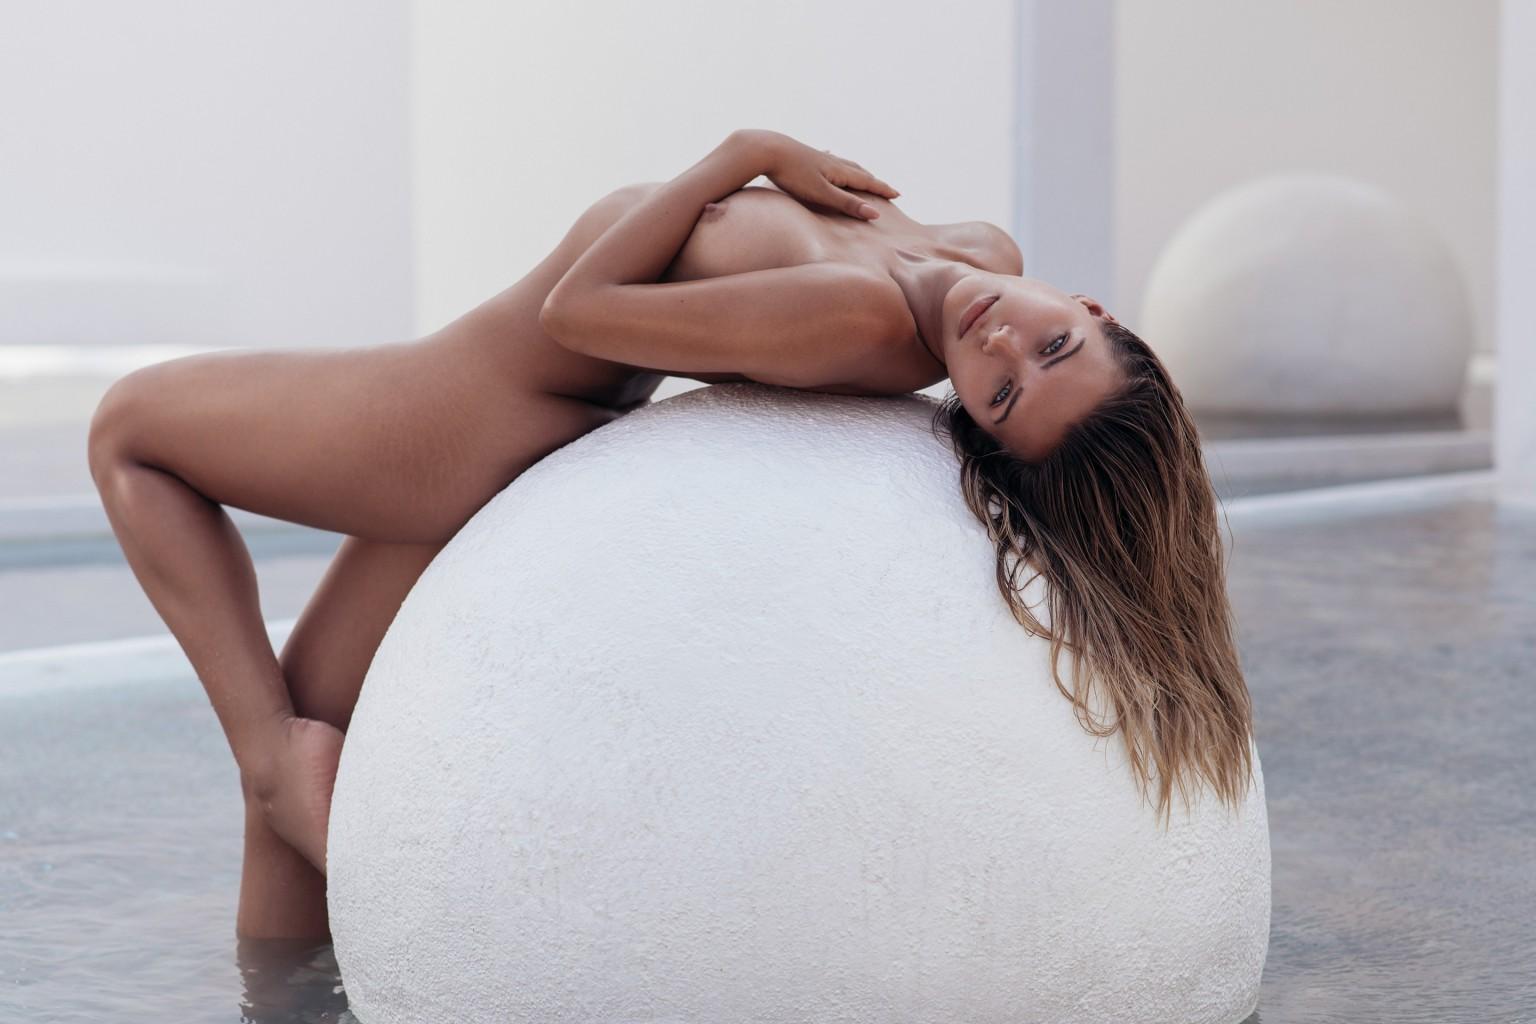 Les Photos De Sandra Kubicka Nue Pour Playboy - Bonsoir -6078